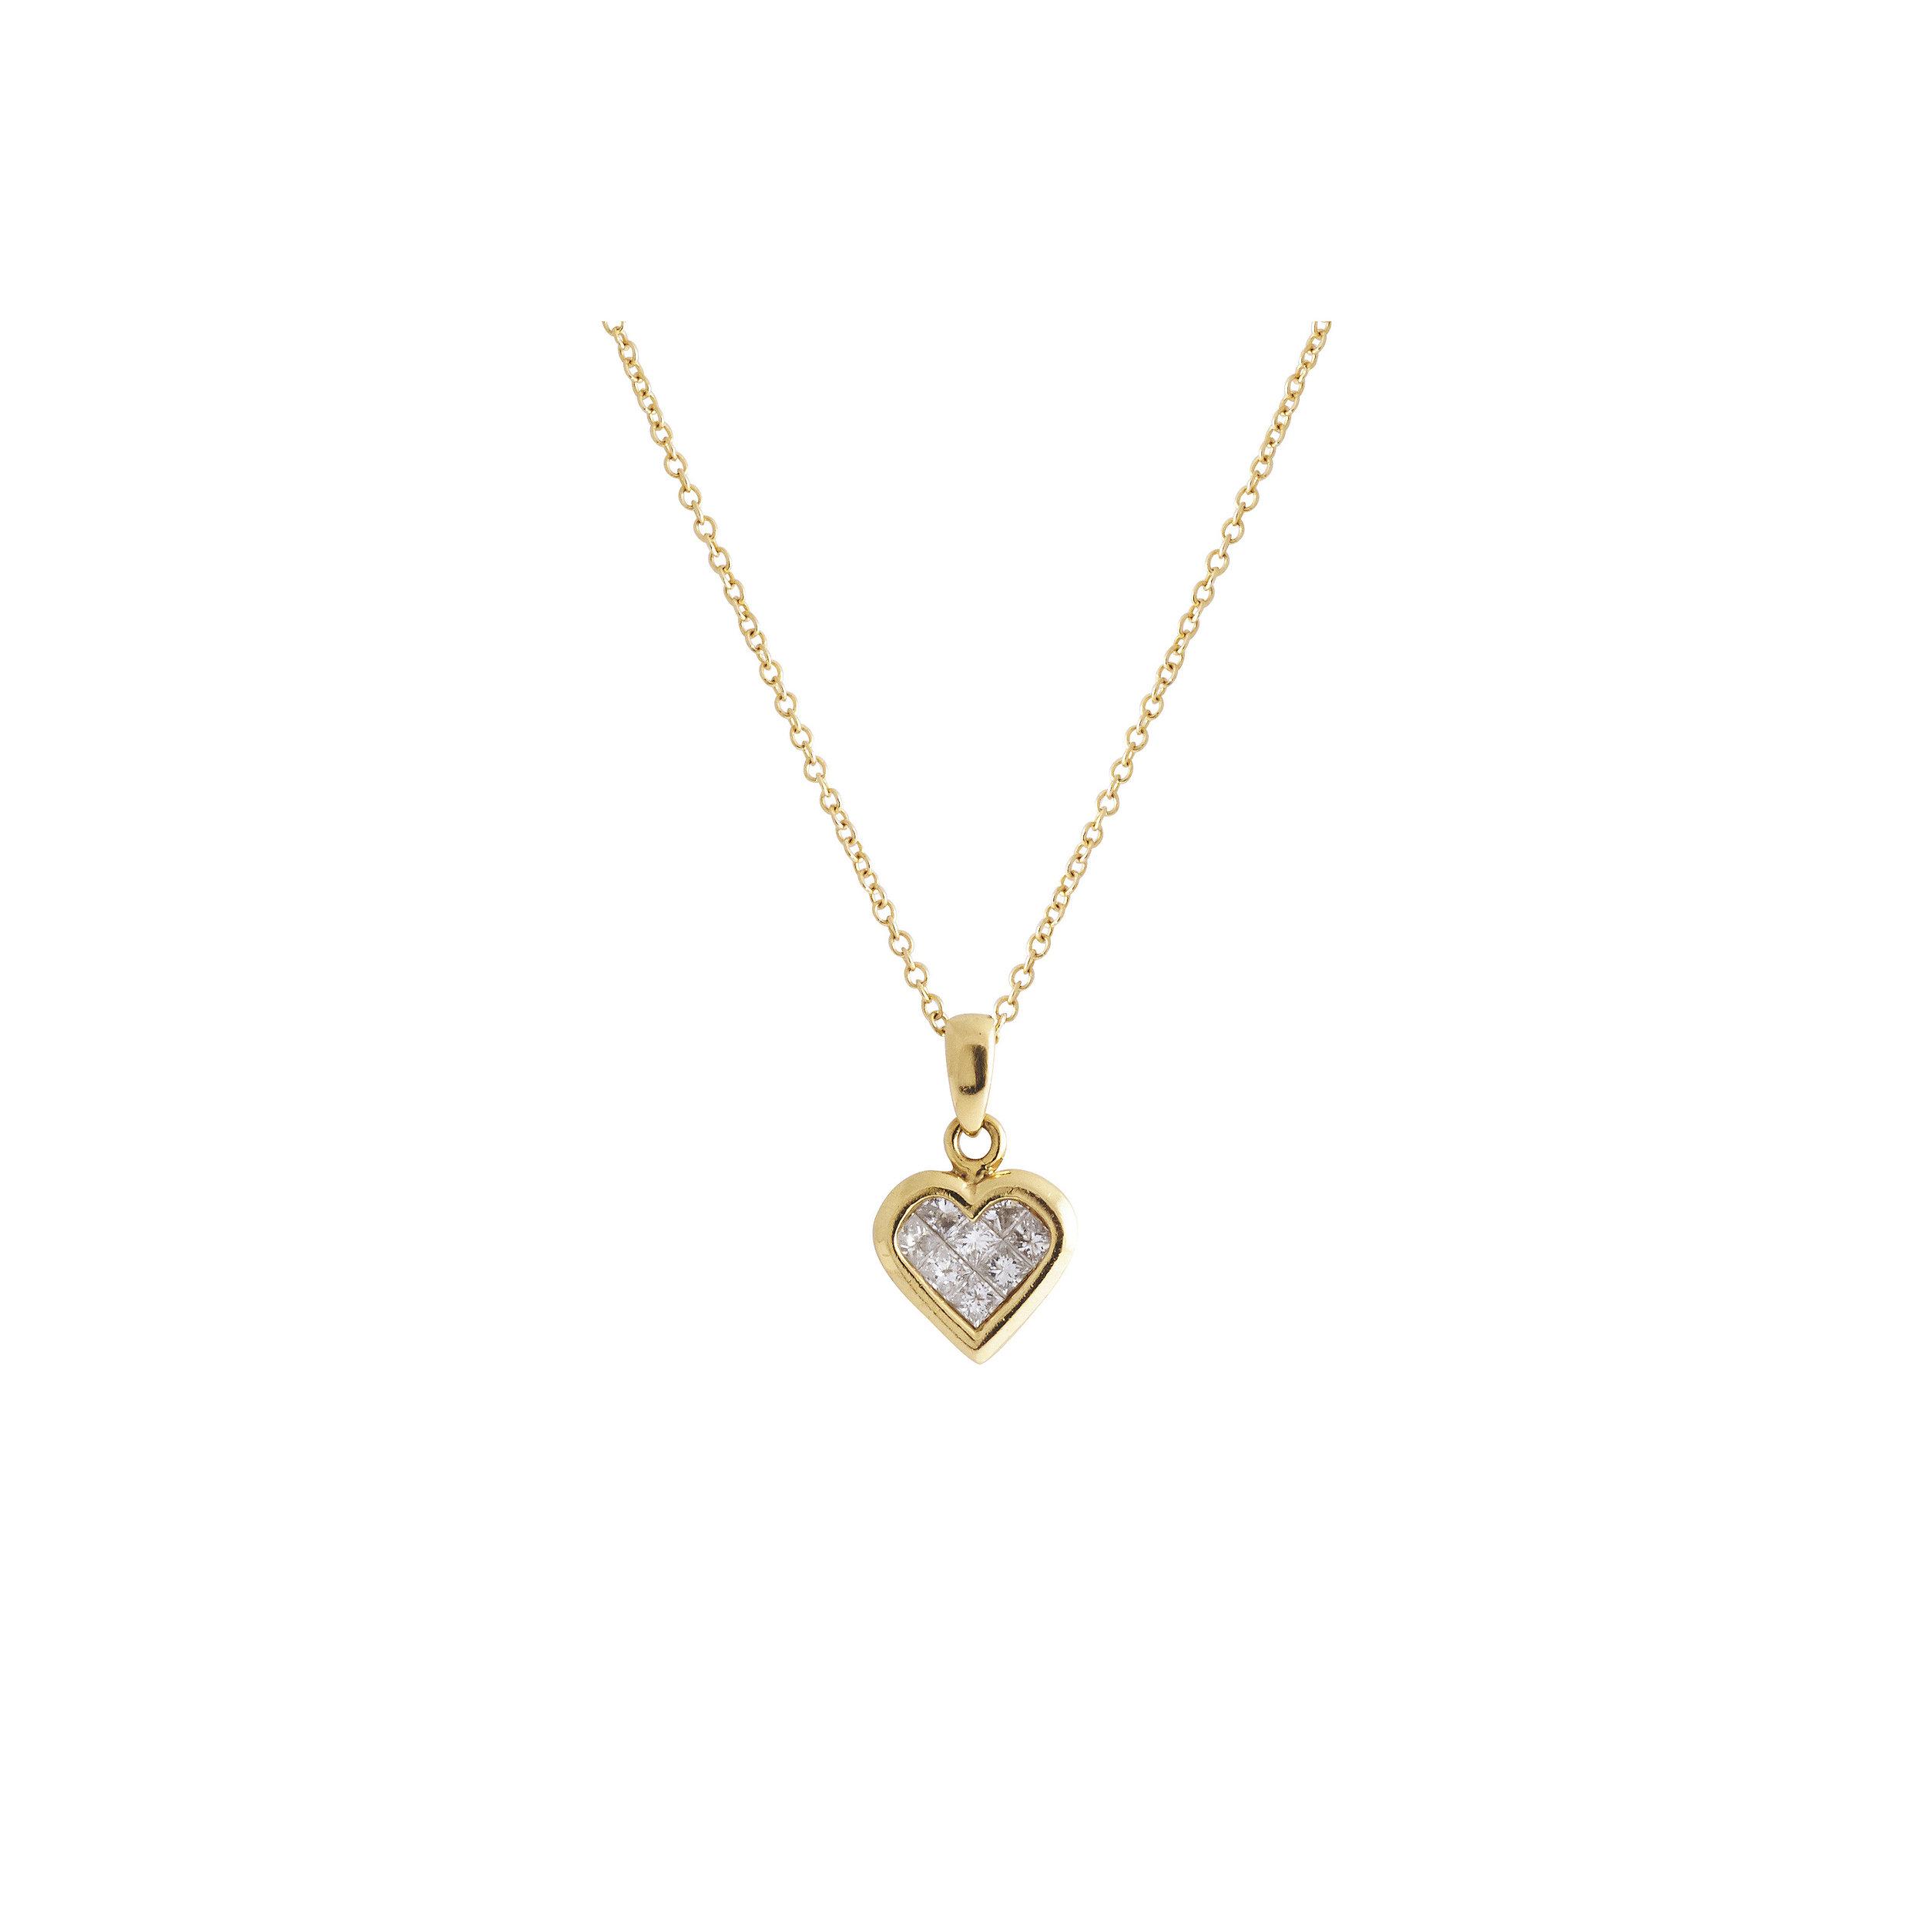 Jewelry By Marsha Small Diamond Heart Pendant